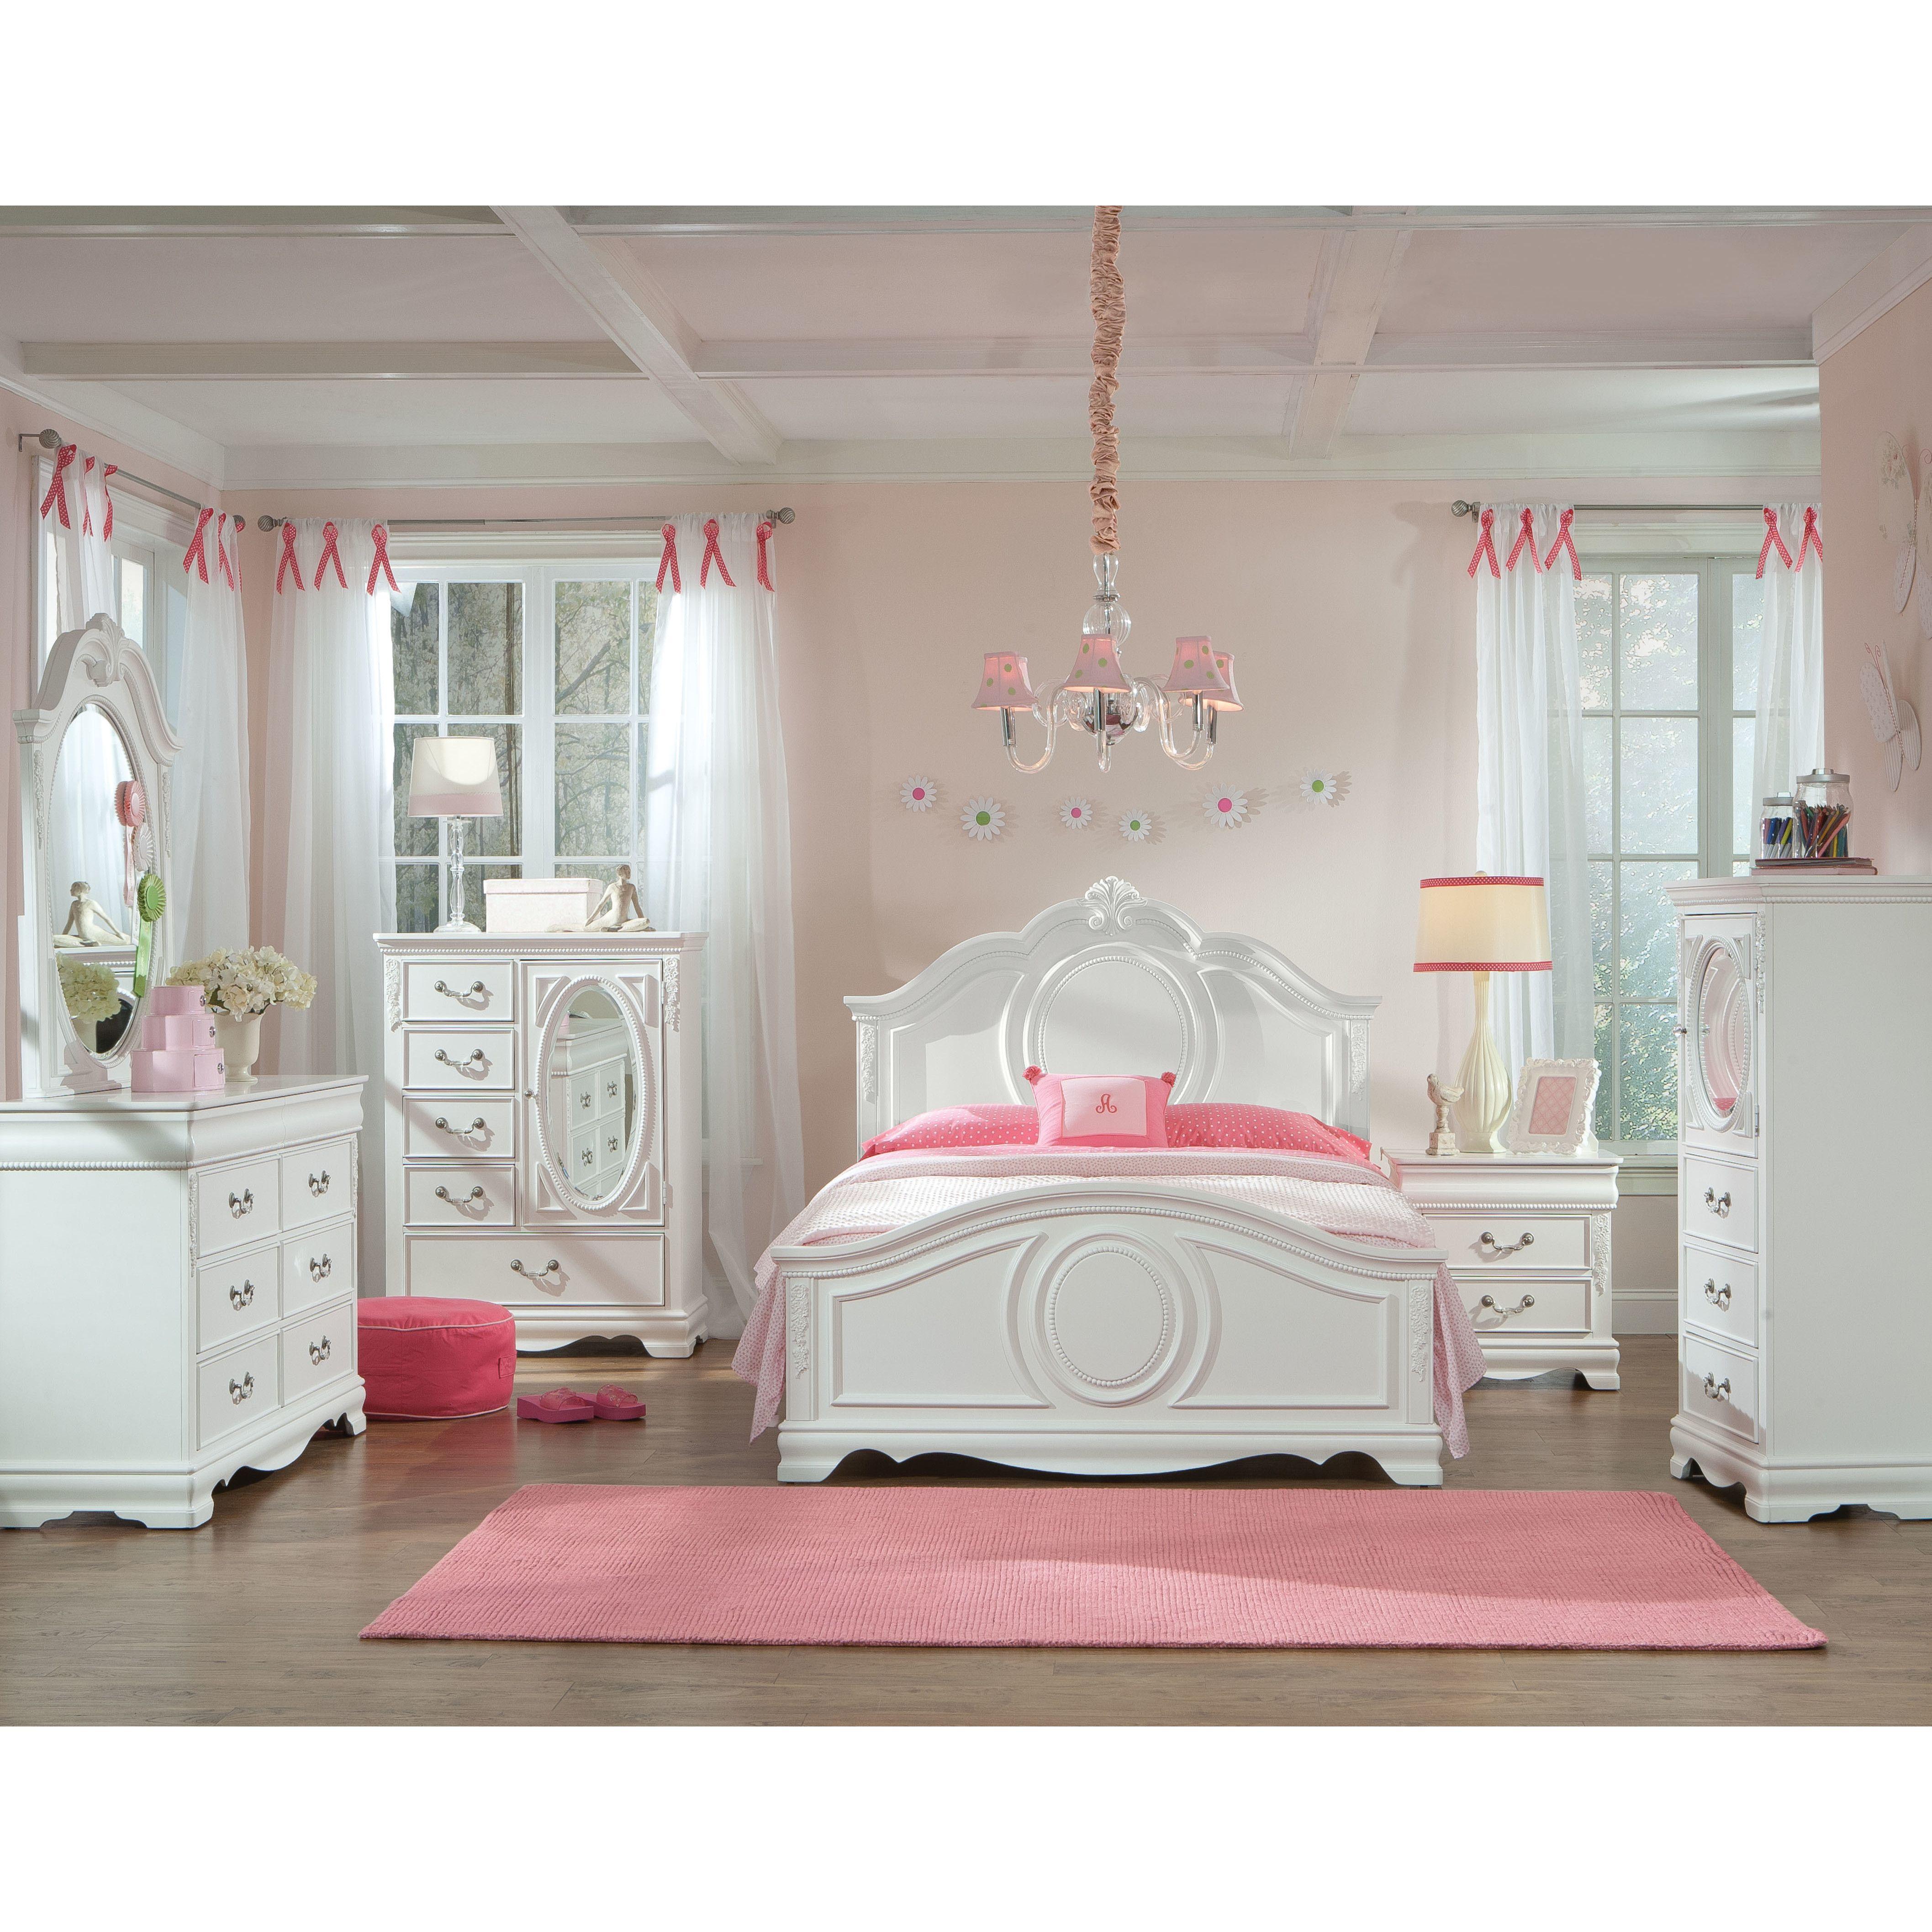 Great Perfect Bedroom Furniture Sets for Girls 37 via Hme Designing VGFRGKX